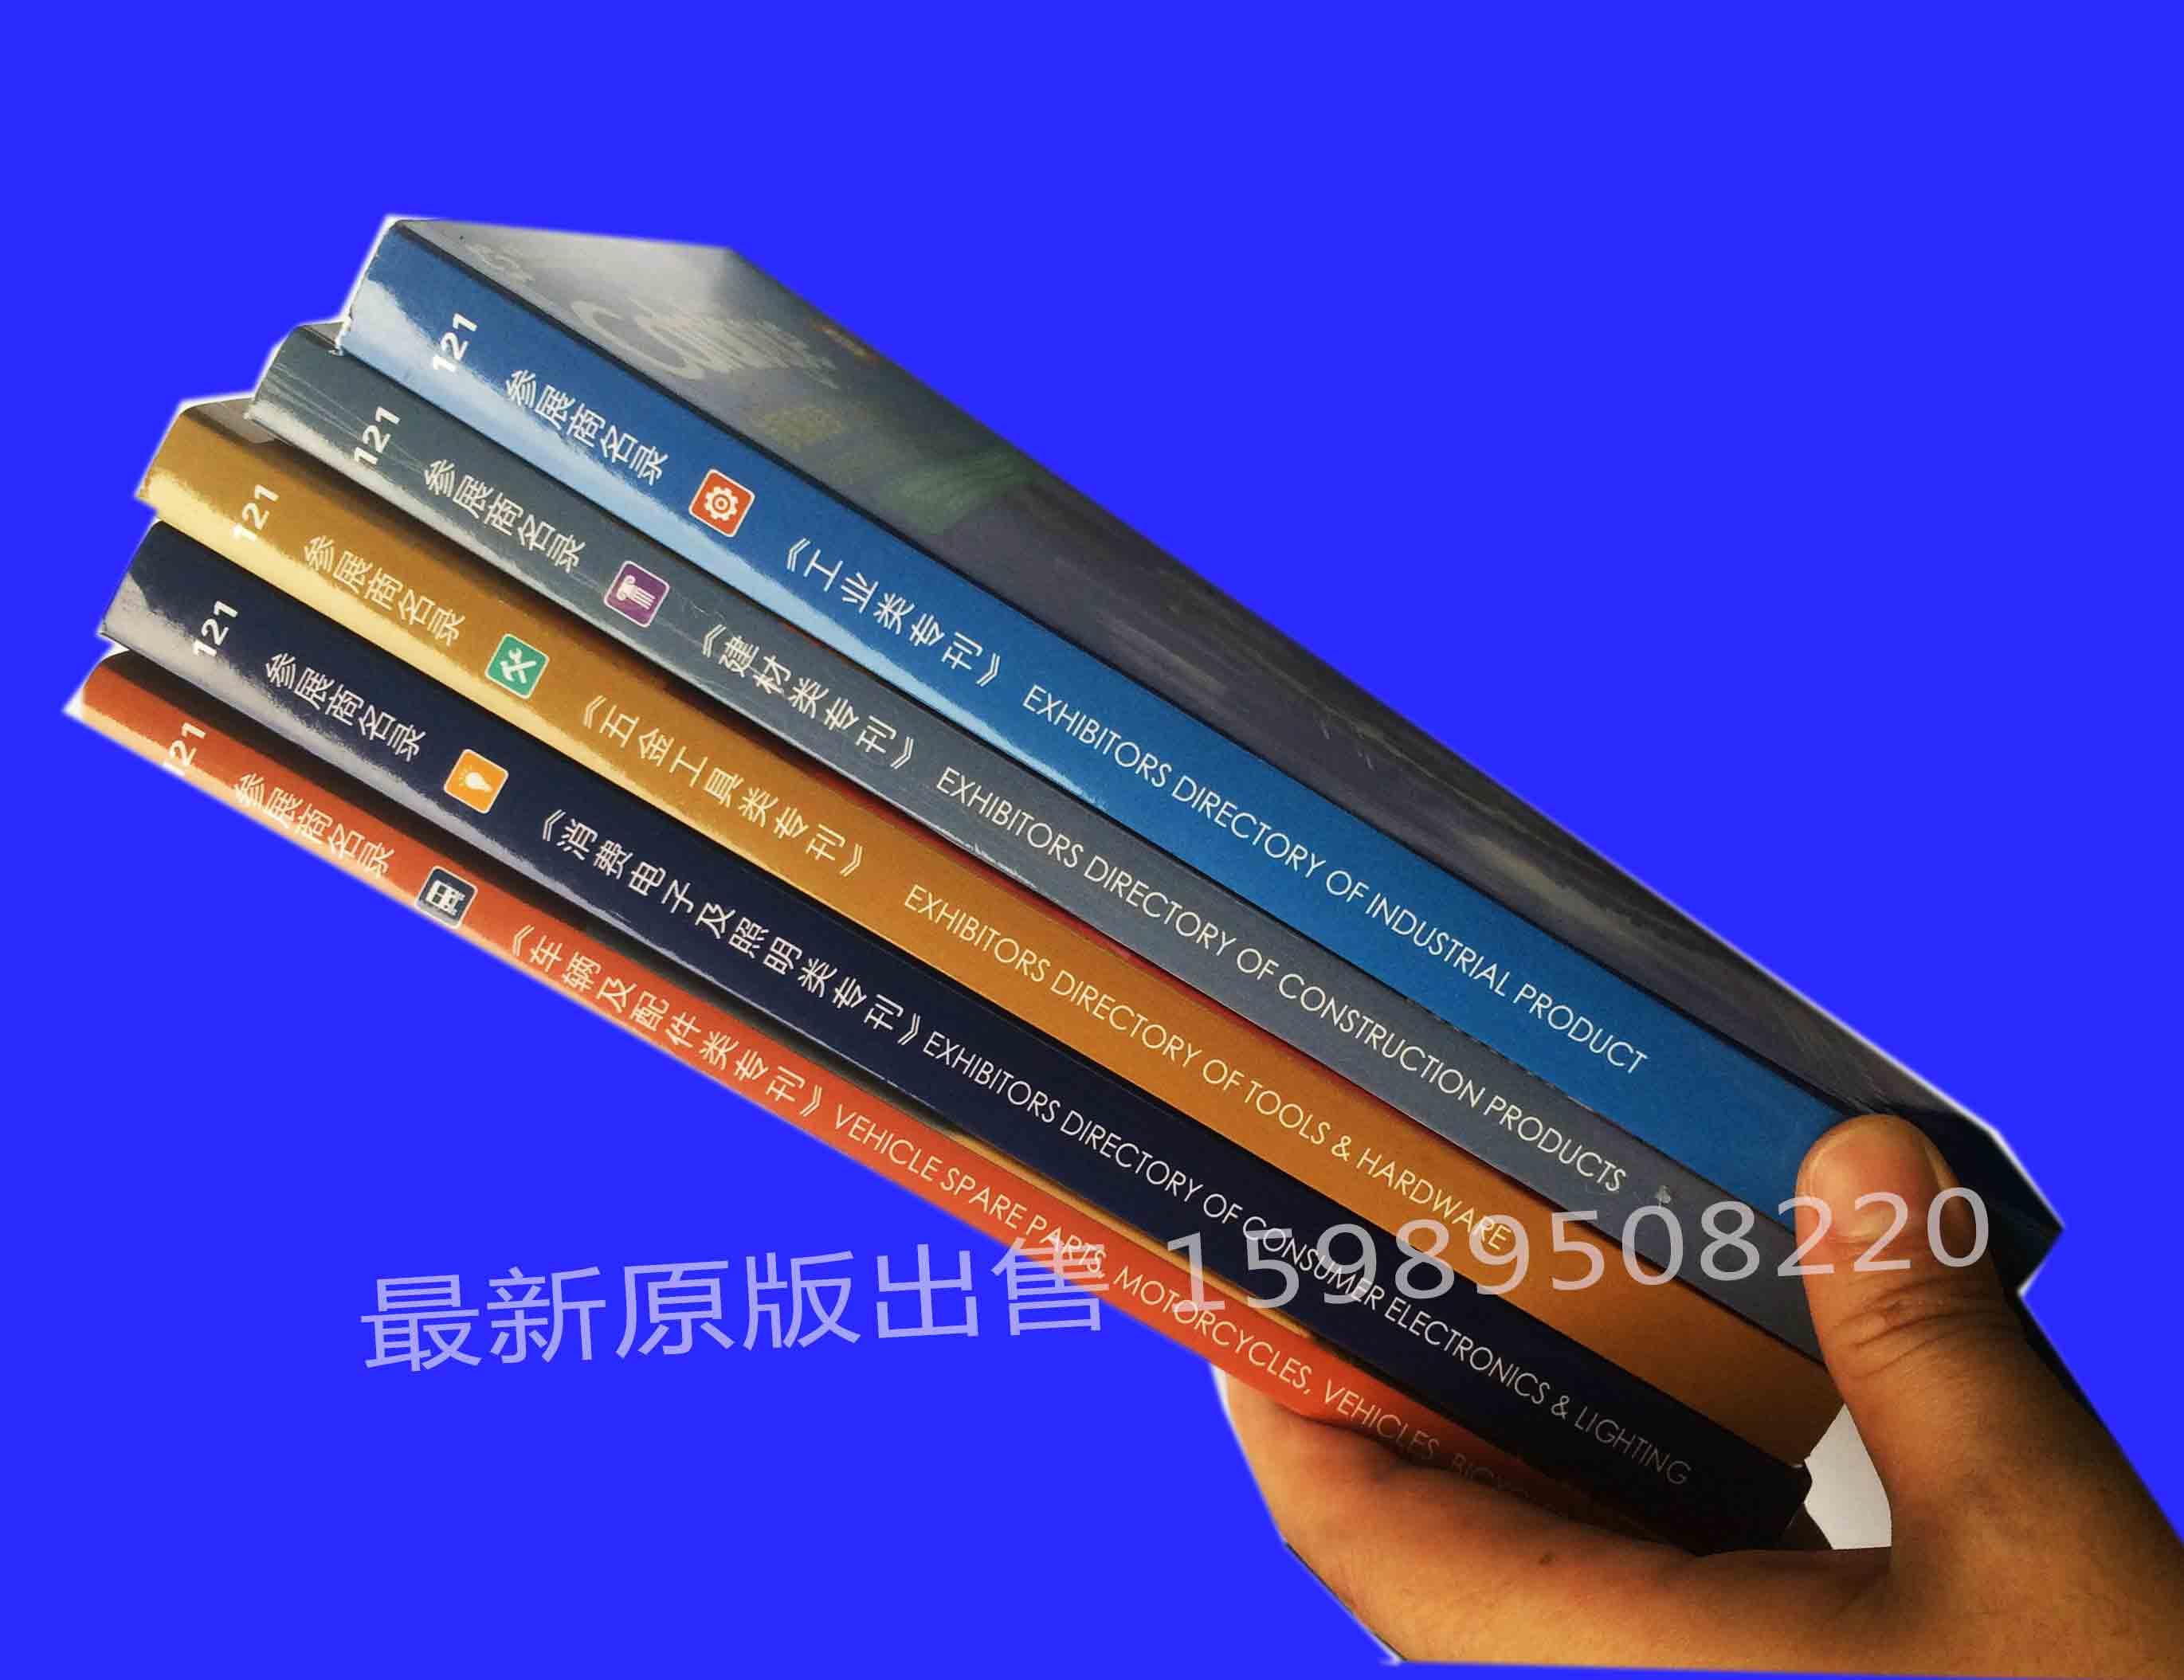 2017年广交会全球箱包采购商,2017广交会采购名录